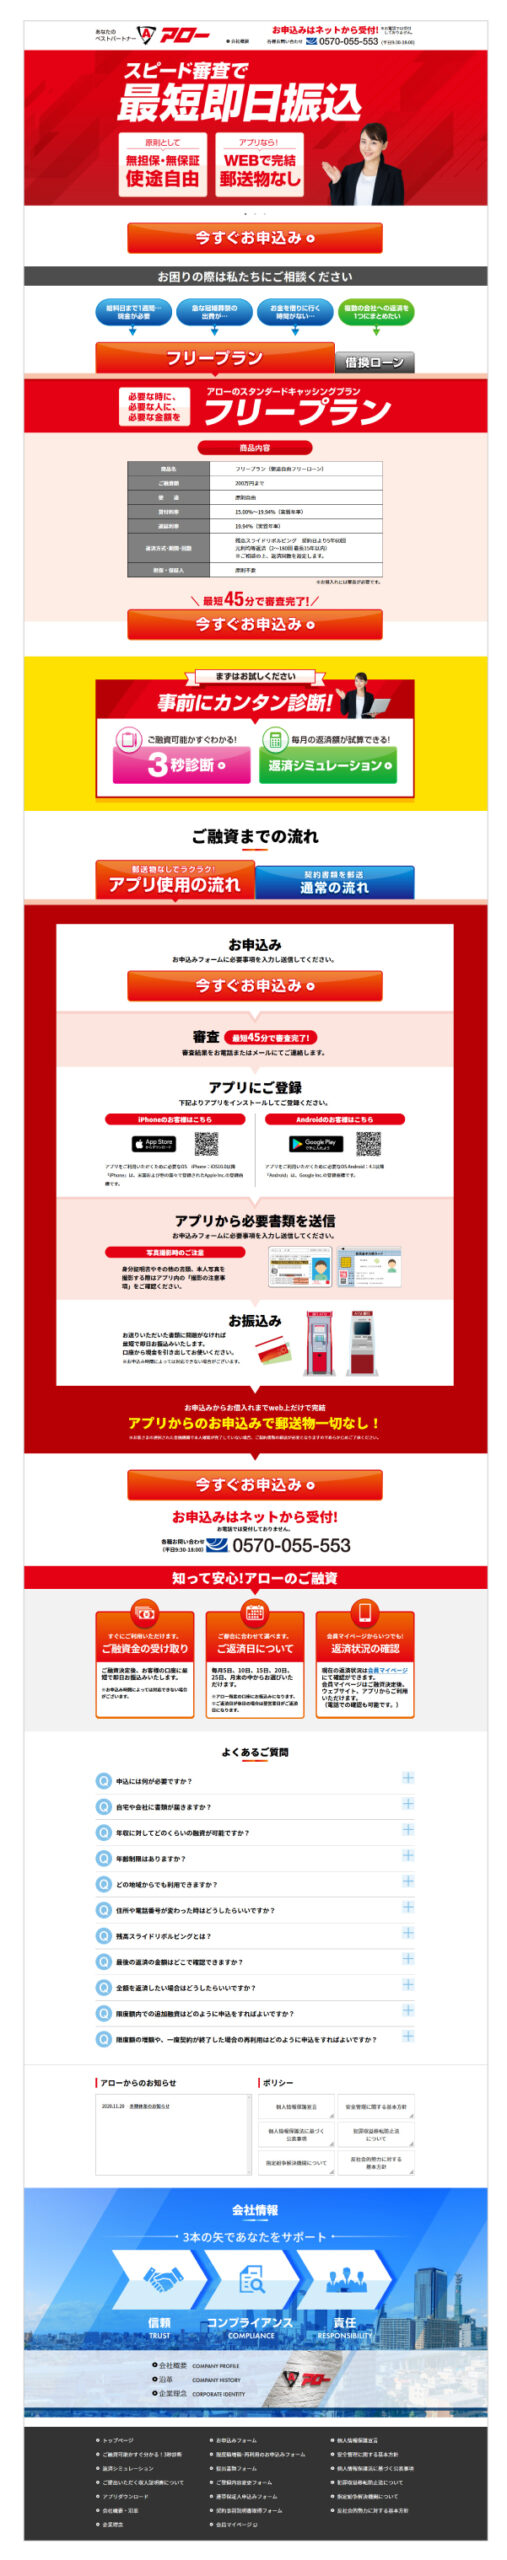 予約アプリ・マイページ